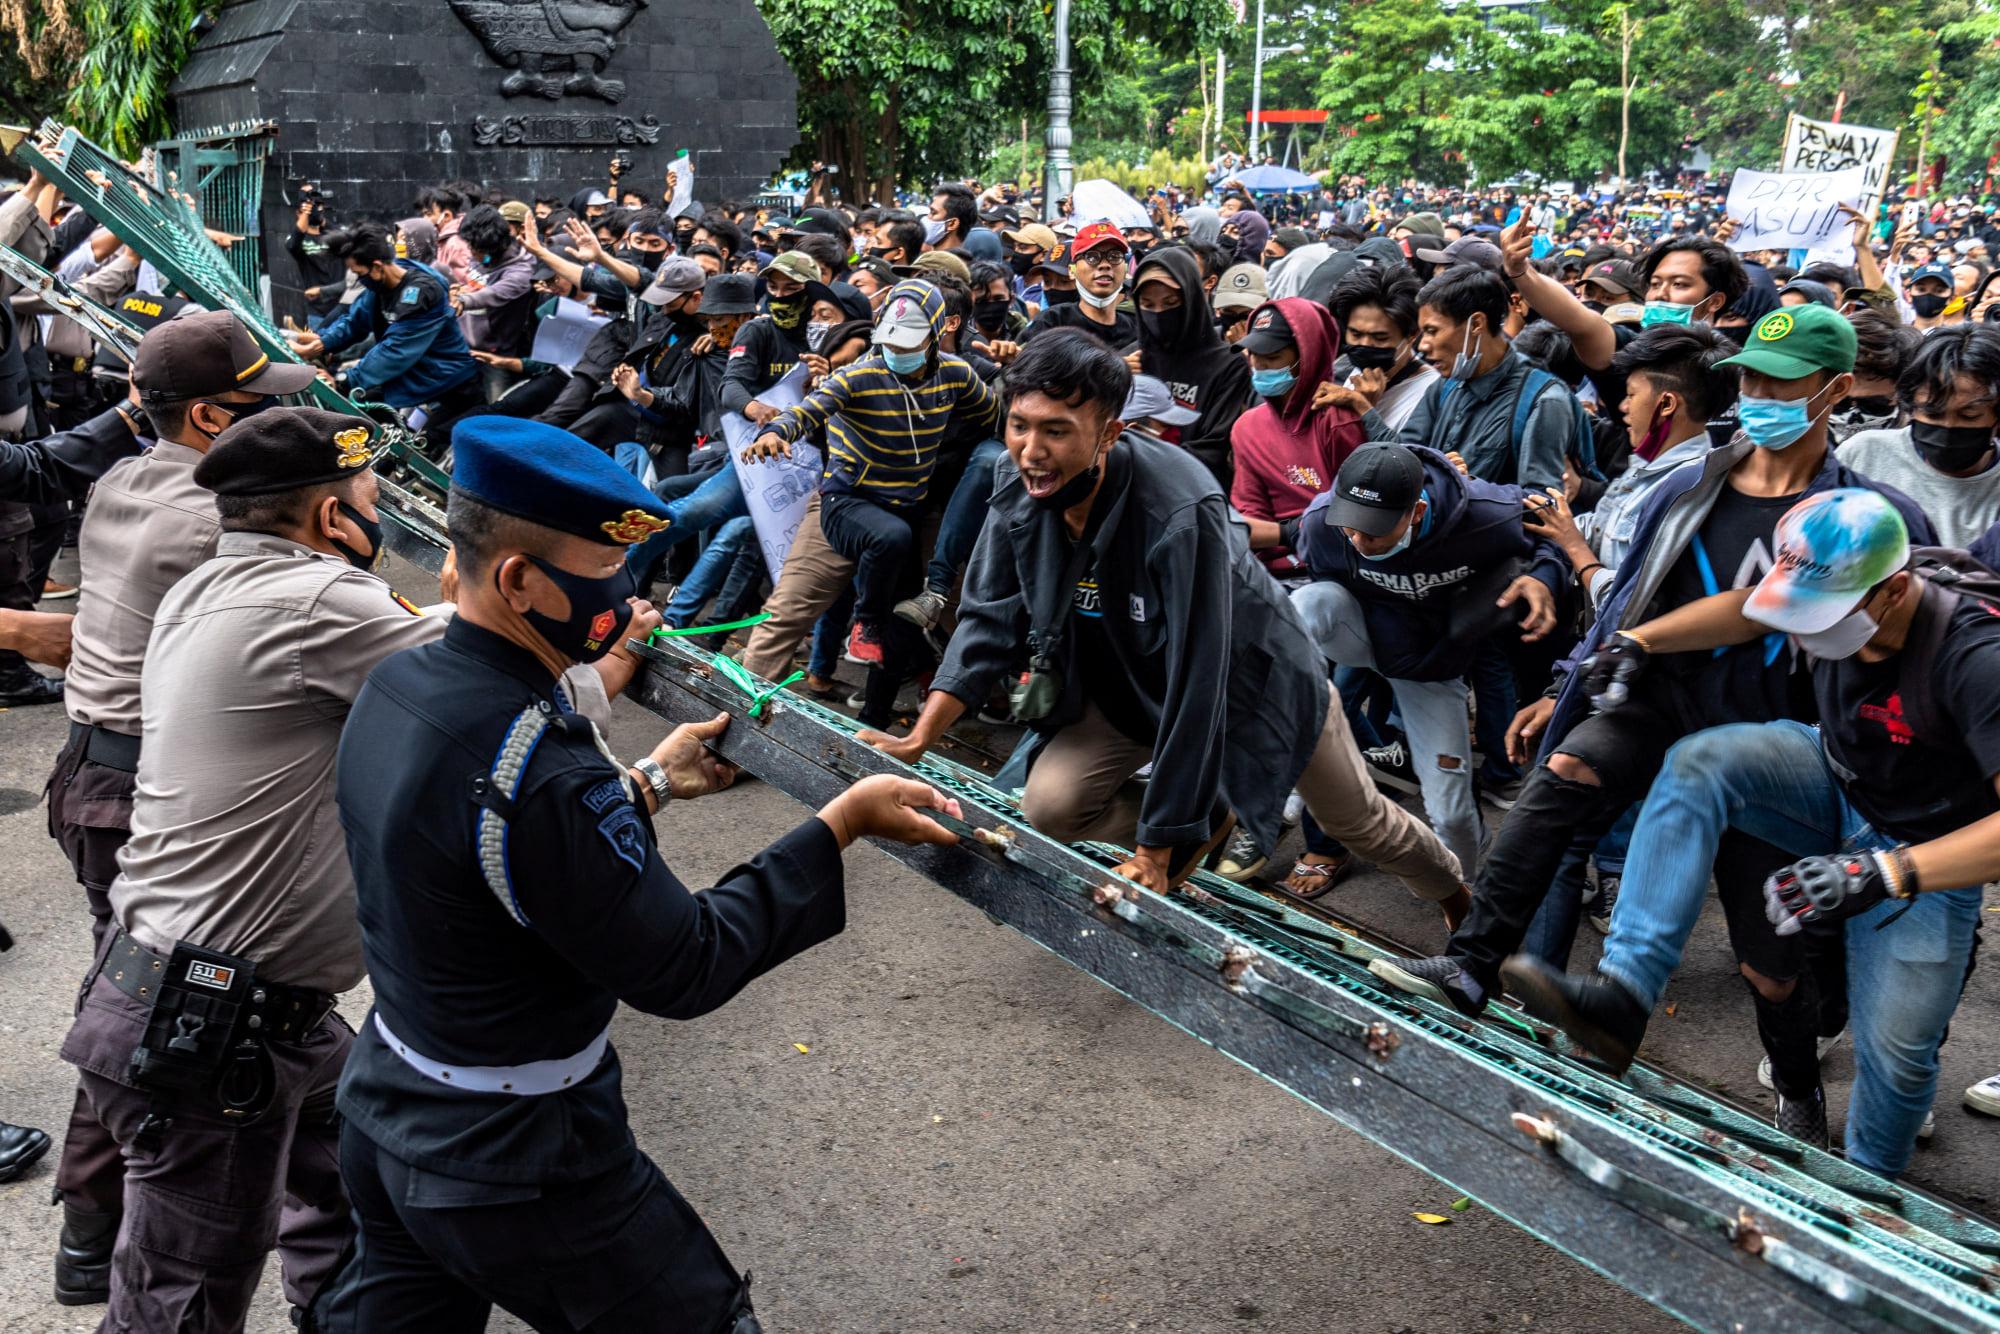 Indonesia: Một bảng đánh giá các cuộc biểu tình phản đối Luật Omnibus